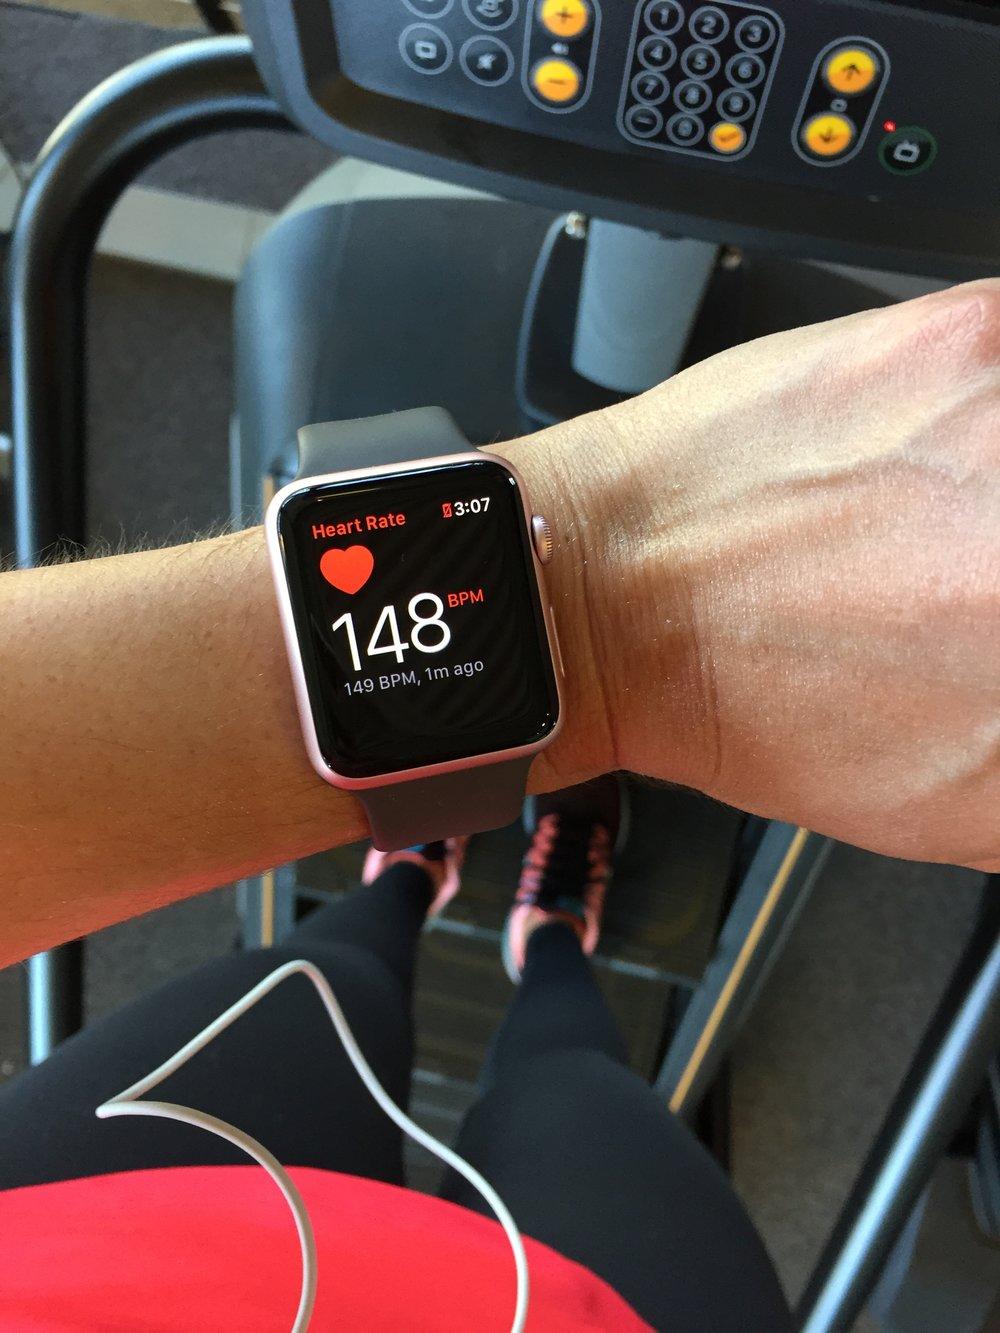 apple-watch-heart-rate-lauren-schwaiger-healthy-living-blog.jpg